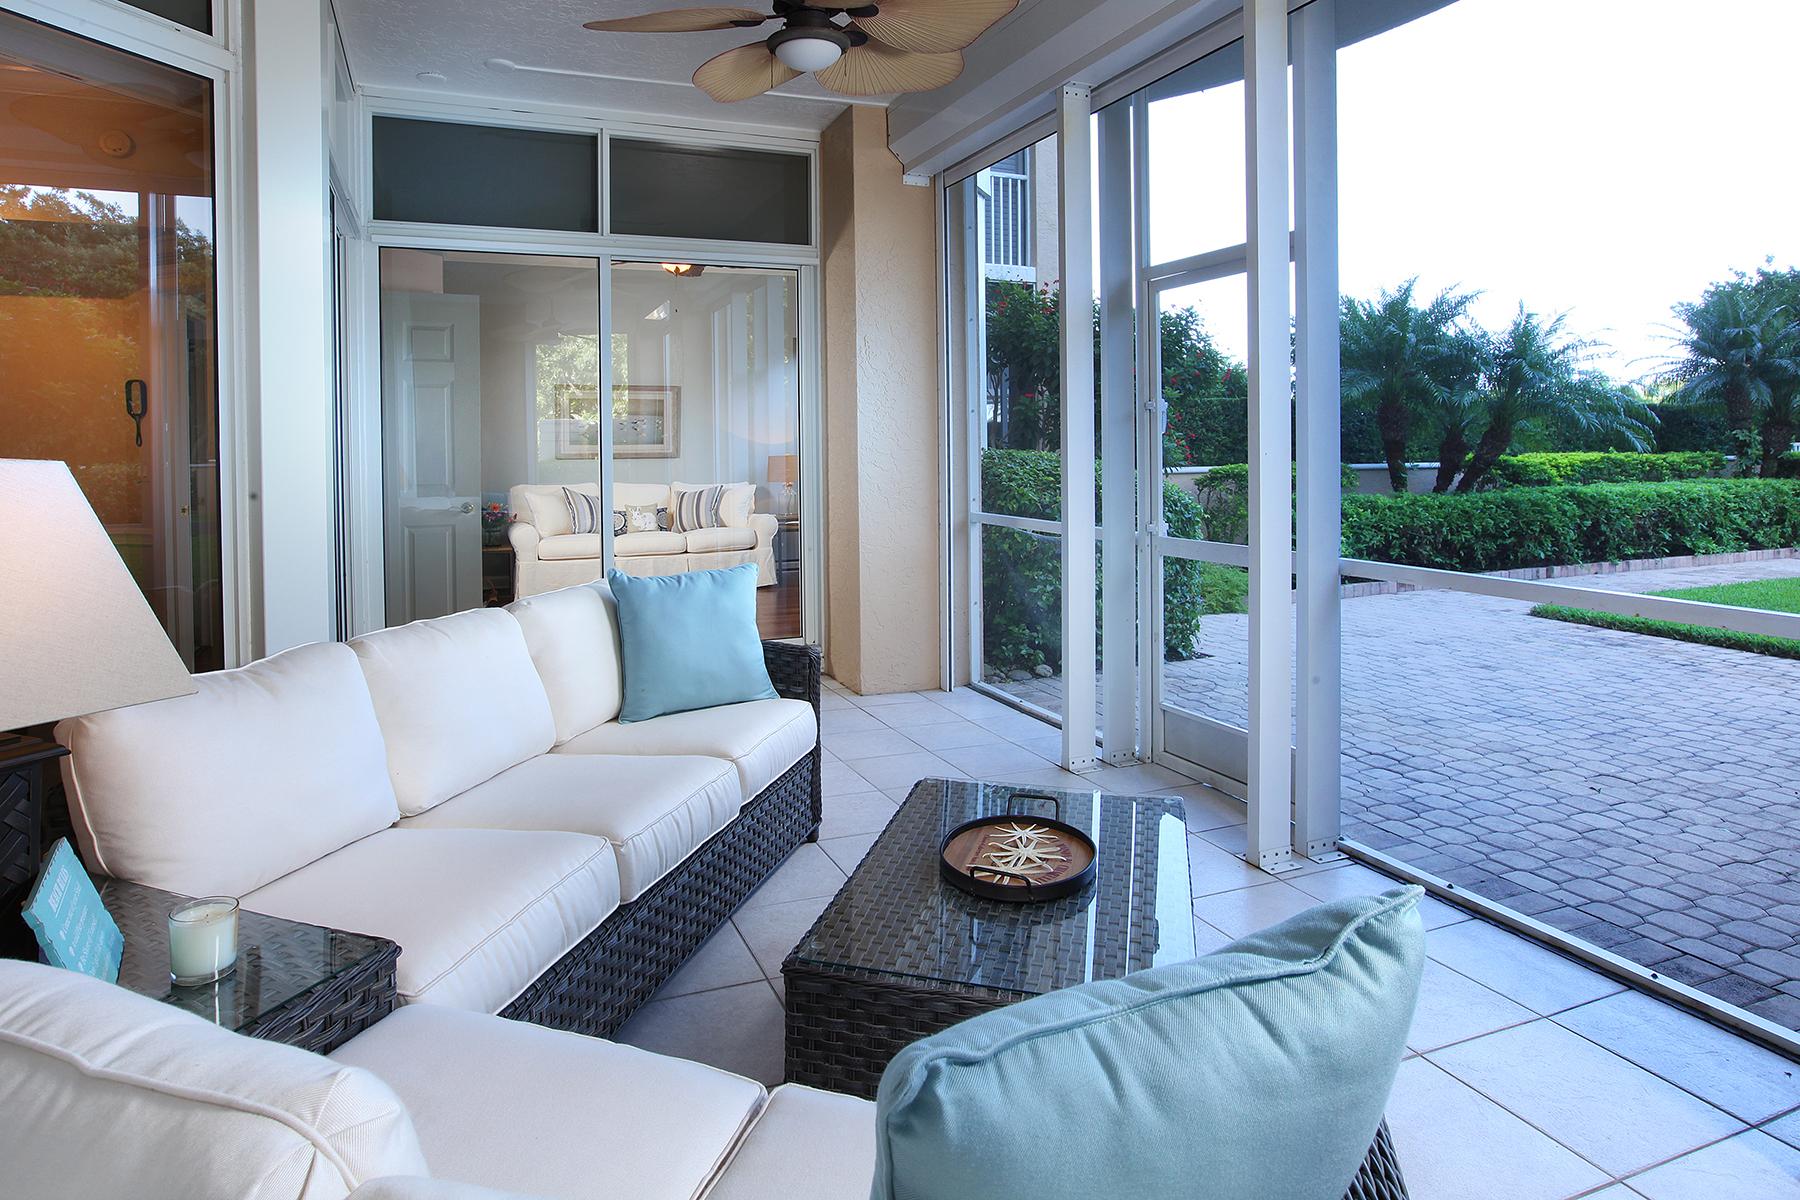 共管式独立产权公寓 为 销售 在 PELICAN BAY - RAPHAEL 7117 Pelican Bay Blvd G14 那不勒斯, 佛罗里达州, 34108 美国